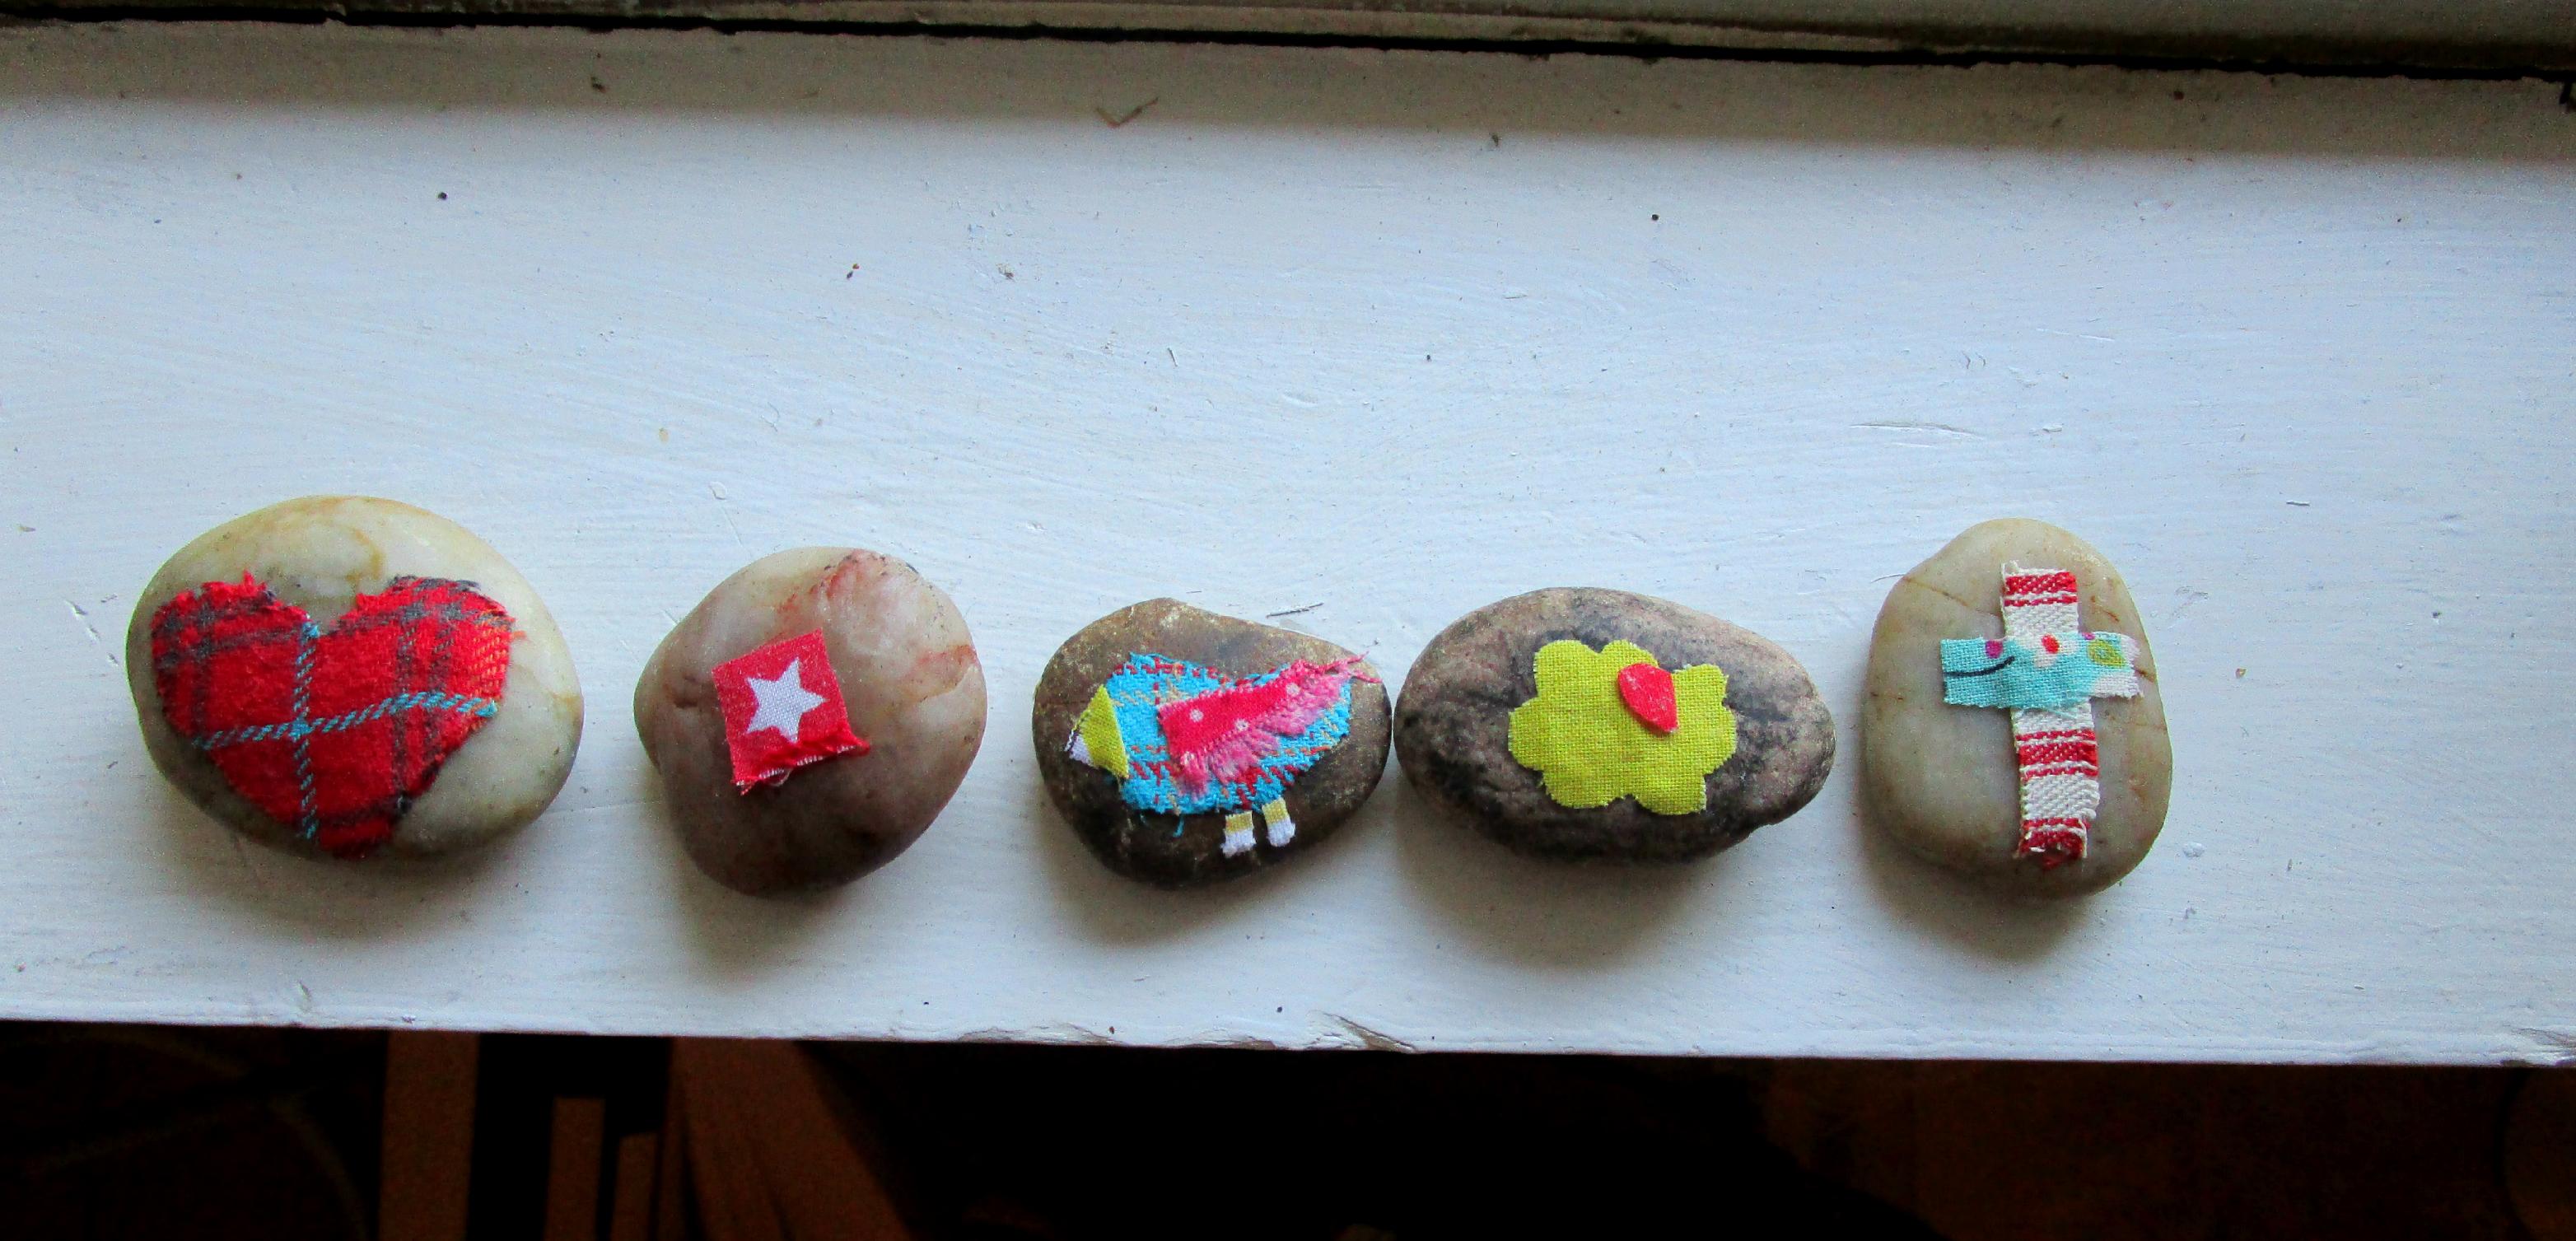 rocks edit 2